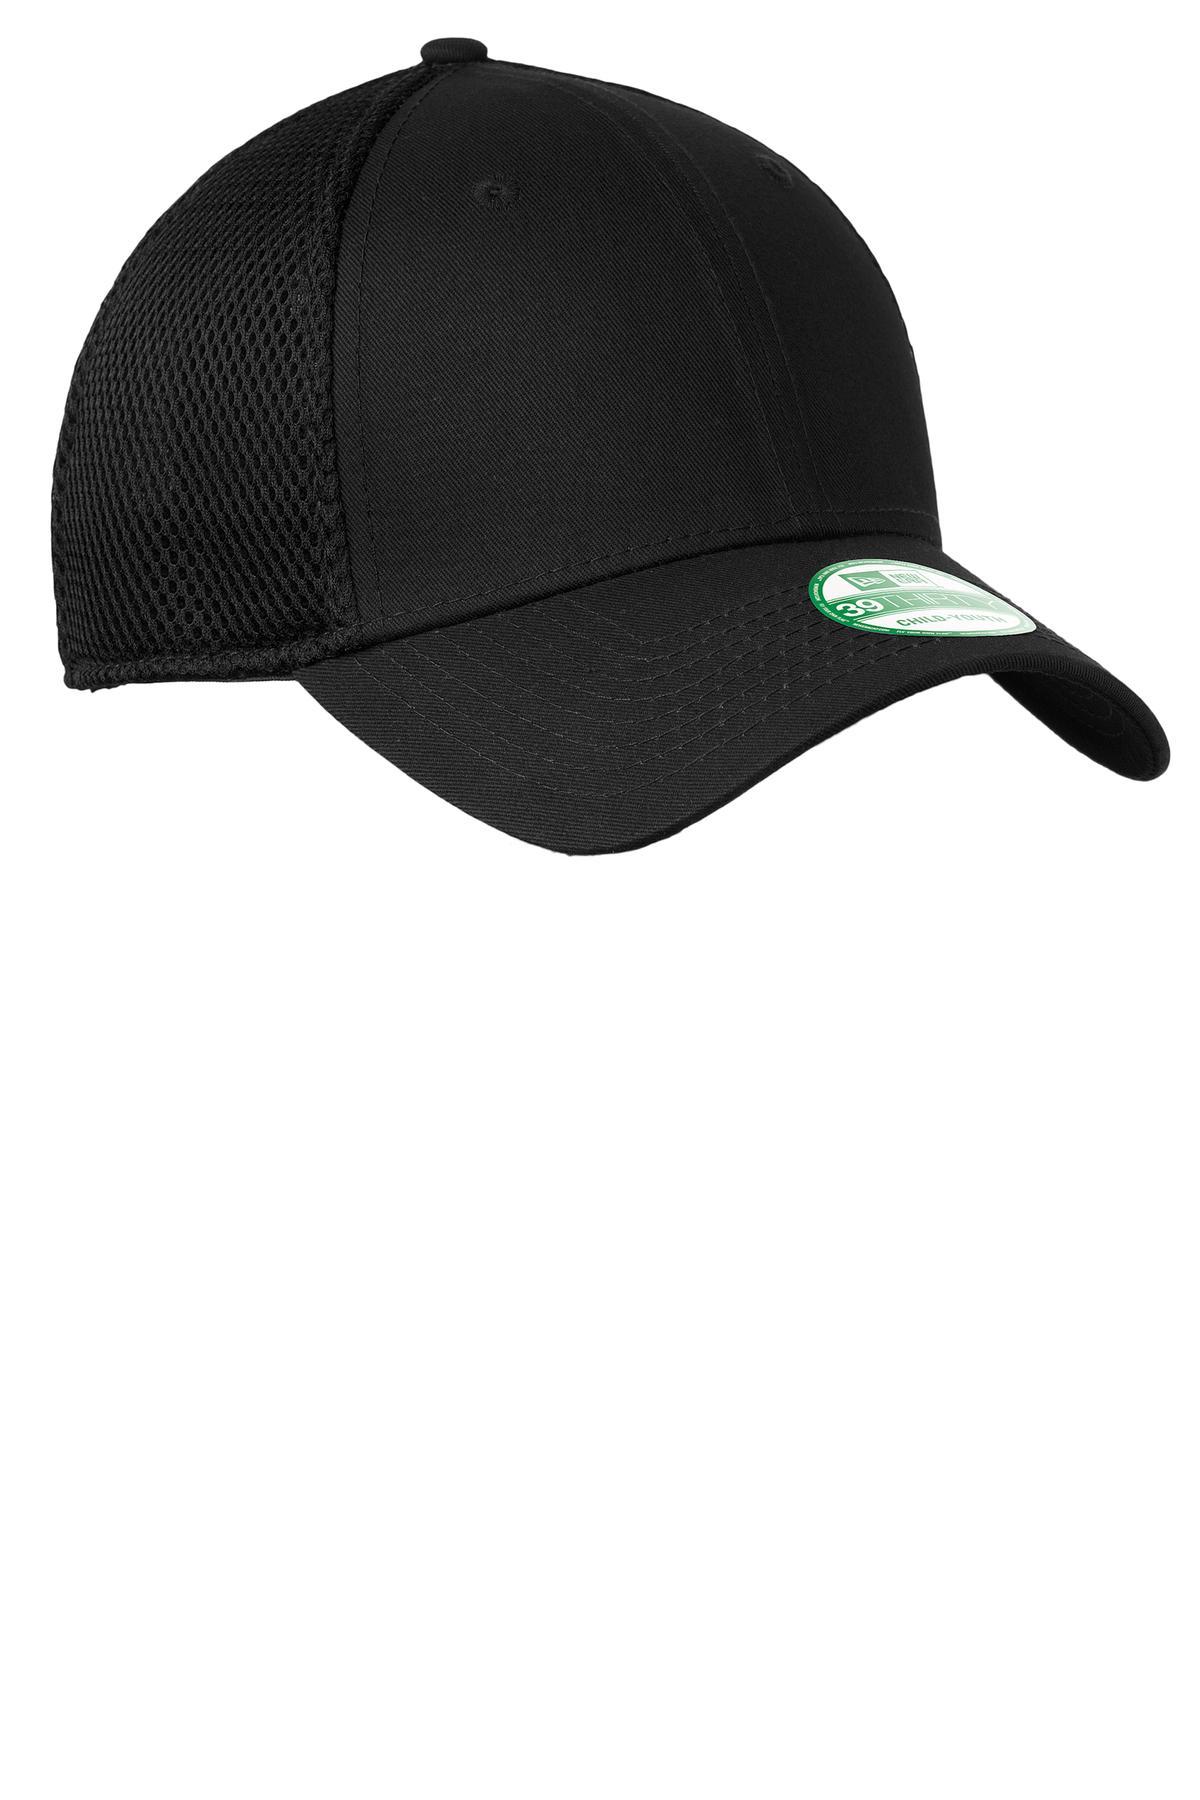 New Era - Youth Stretch Mesh Cap - NE302 b3da67265f6